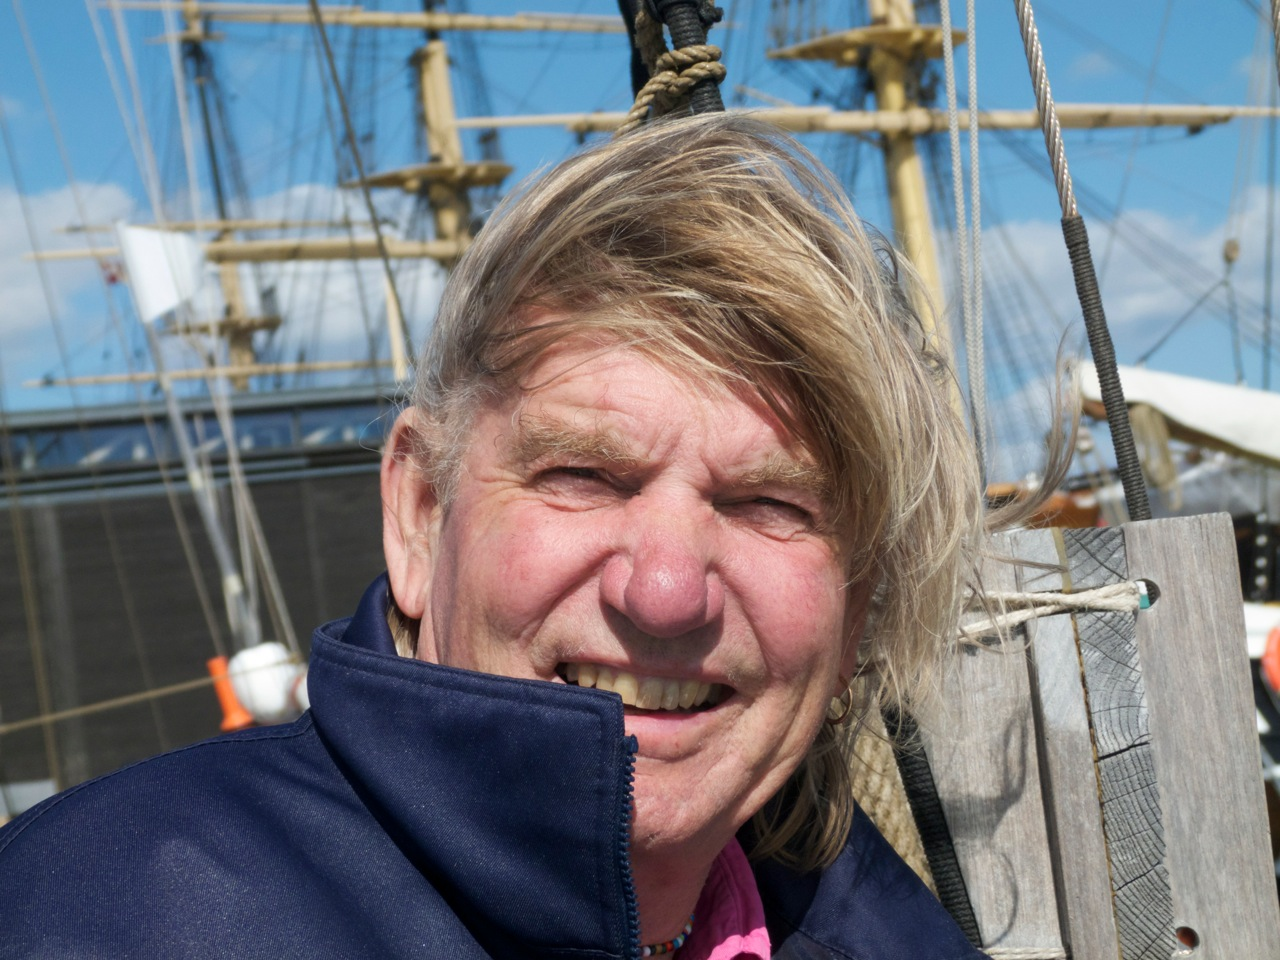 """Troels Kløvedal om bord på """"Nordkaperen"""". I næste uge sejler den kendte skib ind i Det sydfynske Øhav for at producere tv fra Danmarks Museum for Lystsejlads i Troense. Foto: Søren Stidsholt Nielsen."""